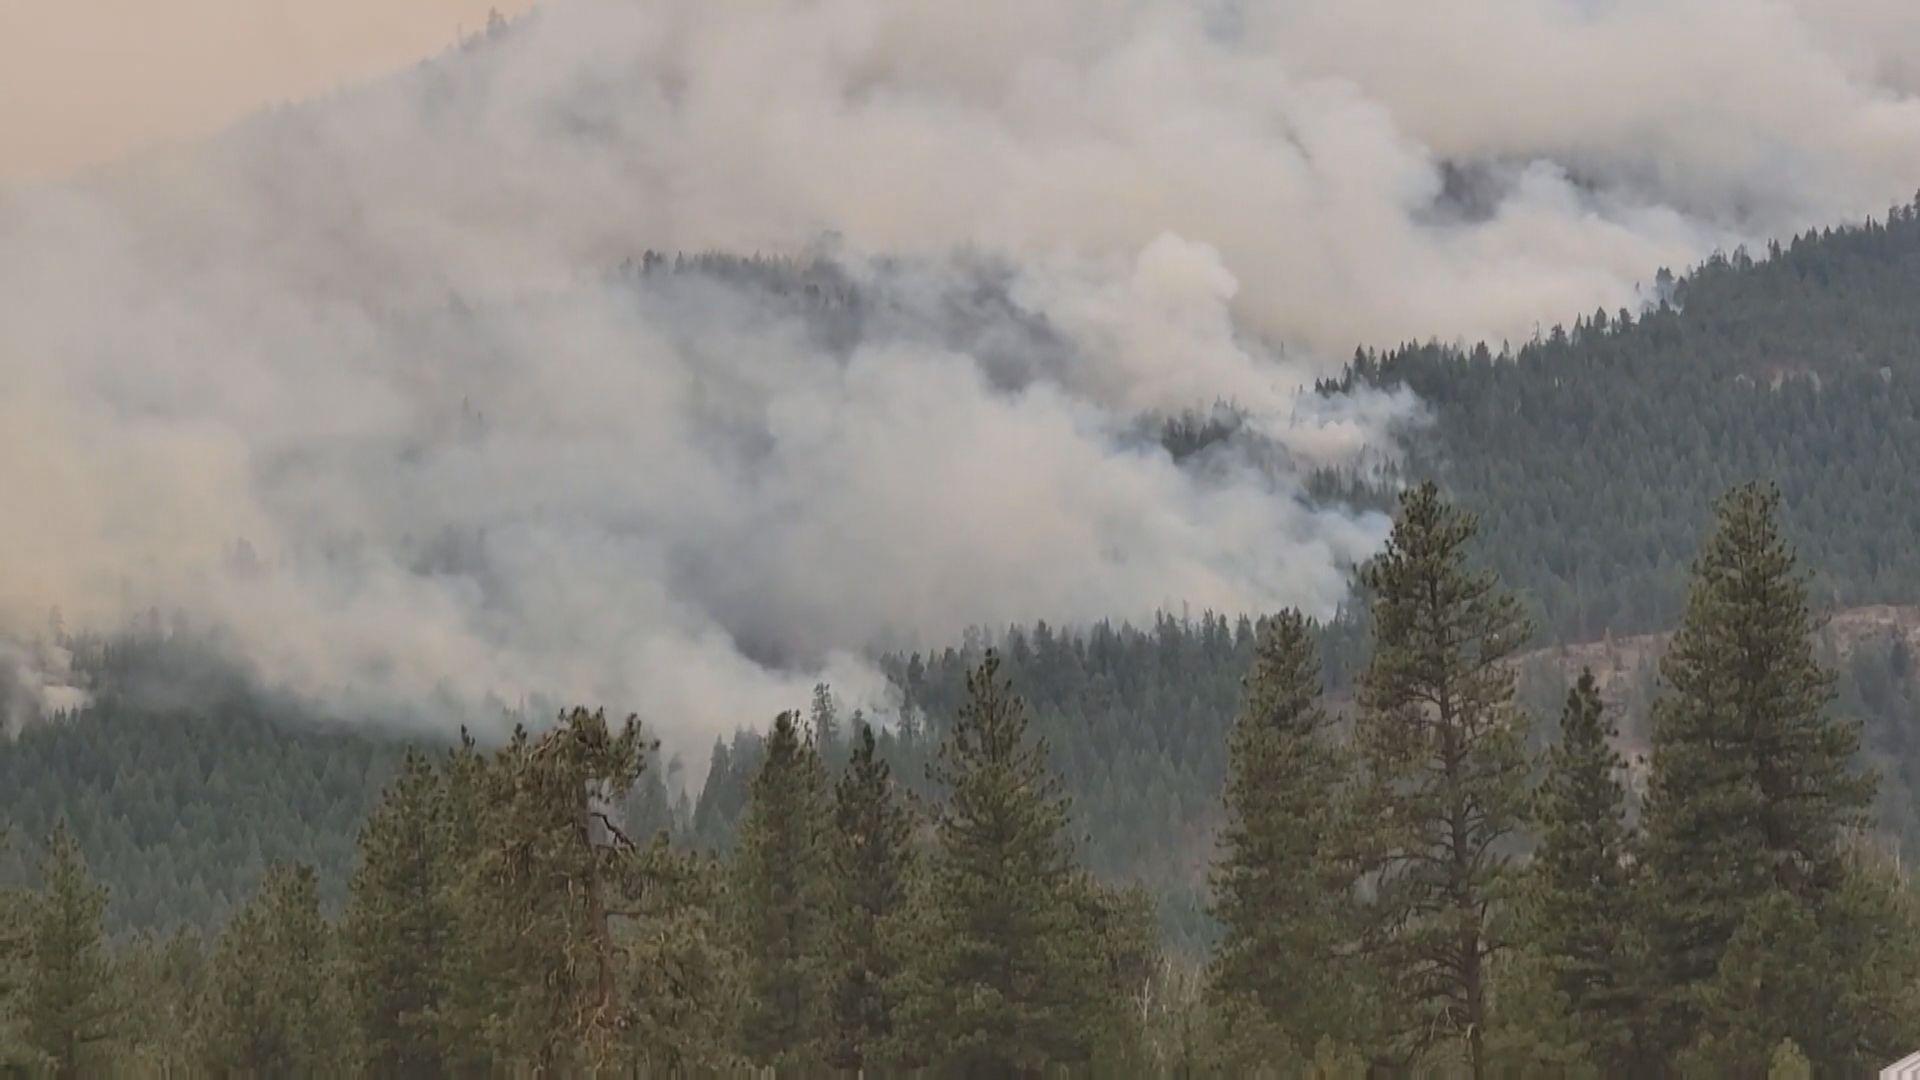 【環球薈報】山火煙霧造成空氣污染 美國小鎮獲贈二千部空氣清新機